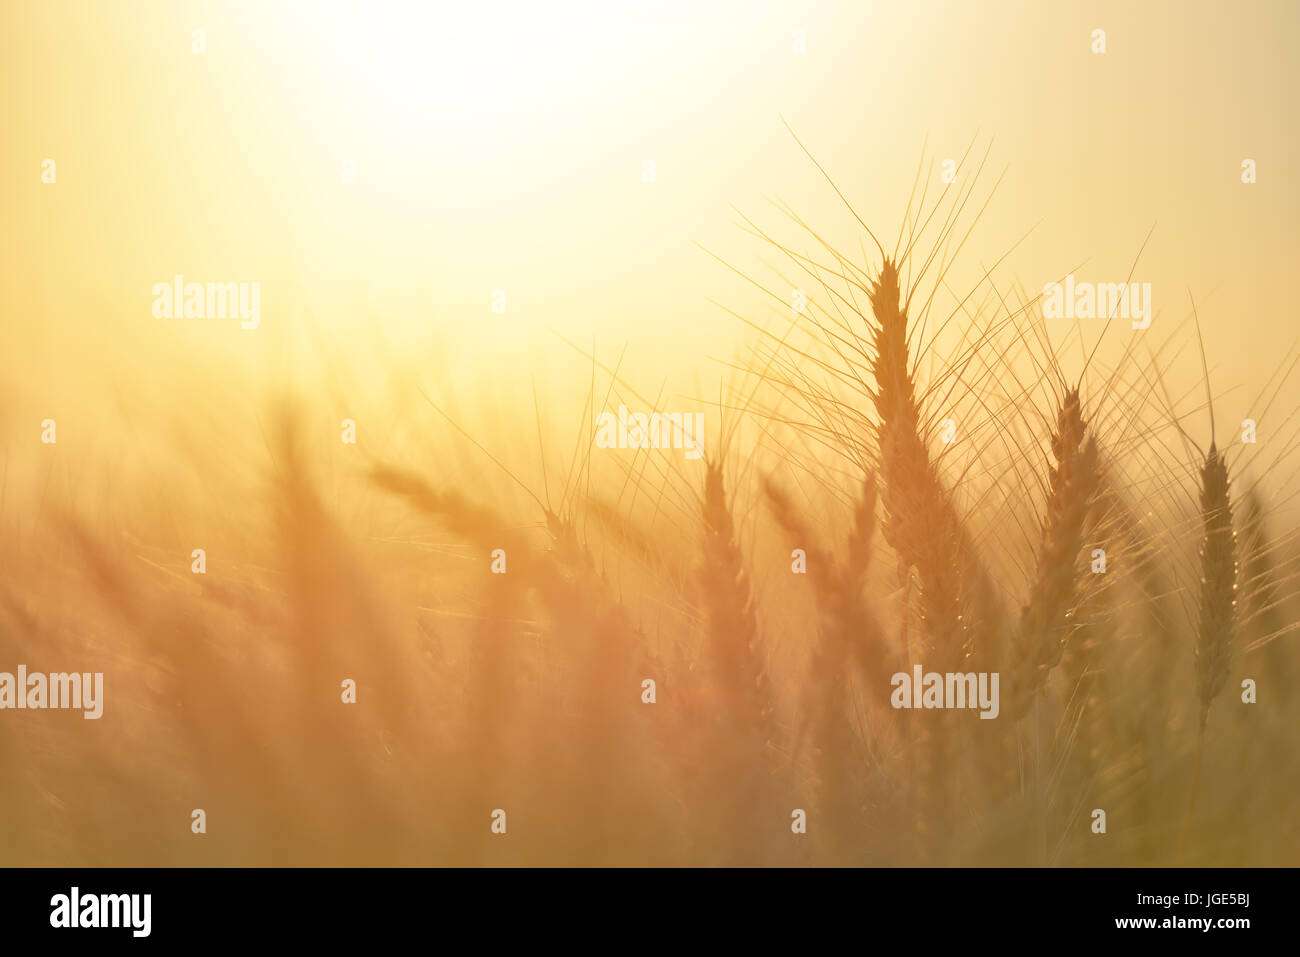 Campo de trigo. Espigas de trigo de oro cerca. La naturaleza hermosa puesta de sol paisaje paisaje rural bajo la luz solar brillante. antecedentes de maduración oídos de mí Foto de stock